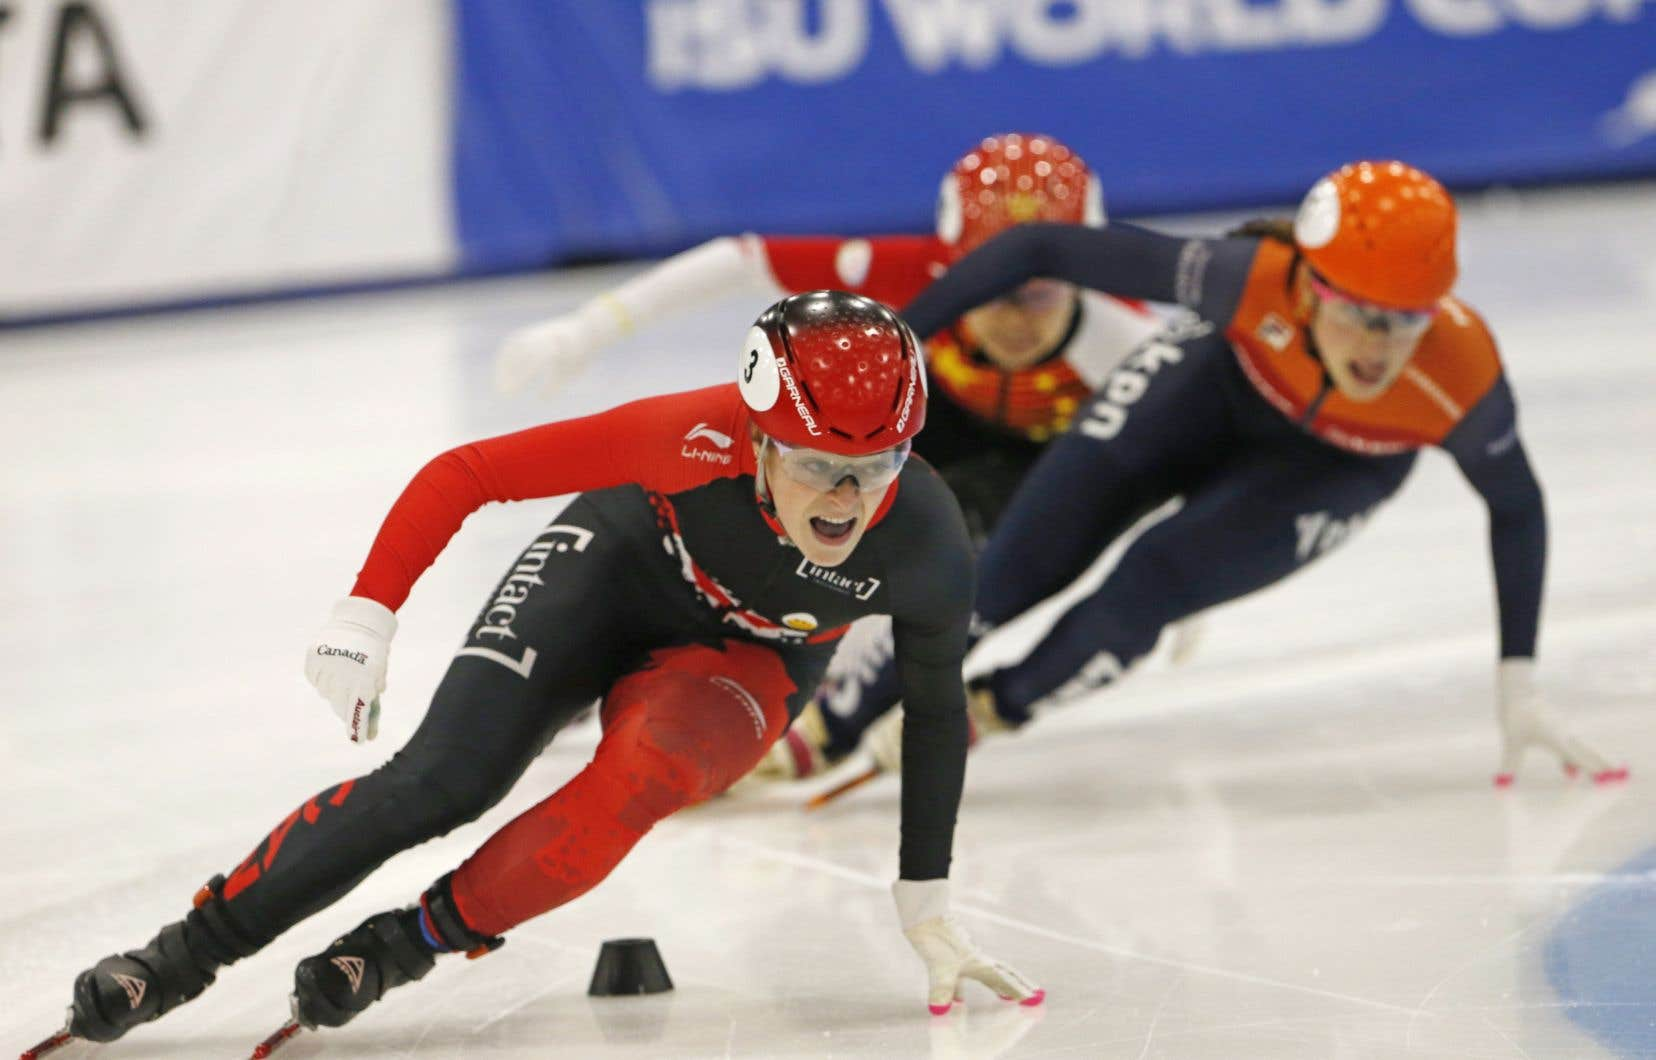 Boutin a devancé la Néerlandaise Suzanne Schulting et la Chinoise Han Yutong en finale.